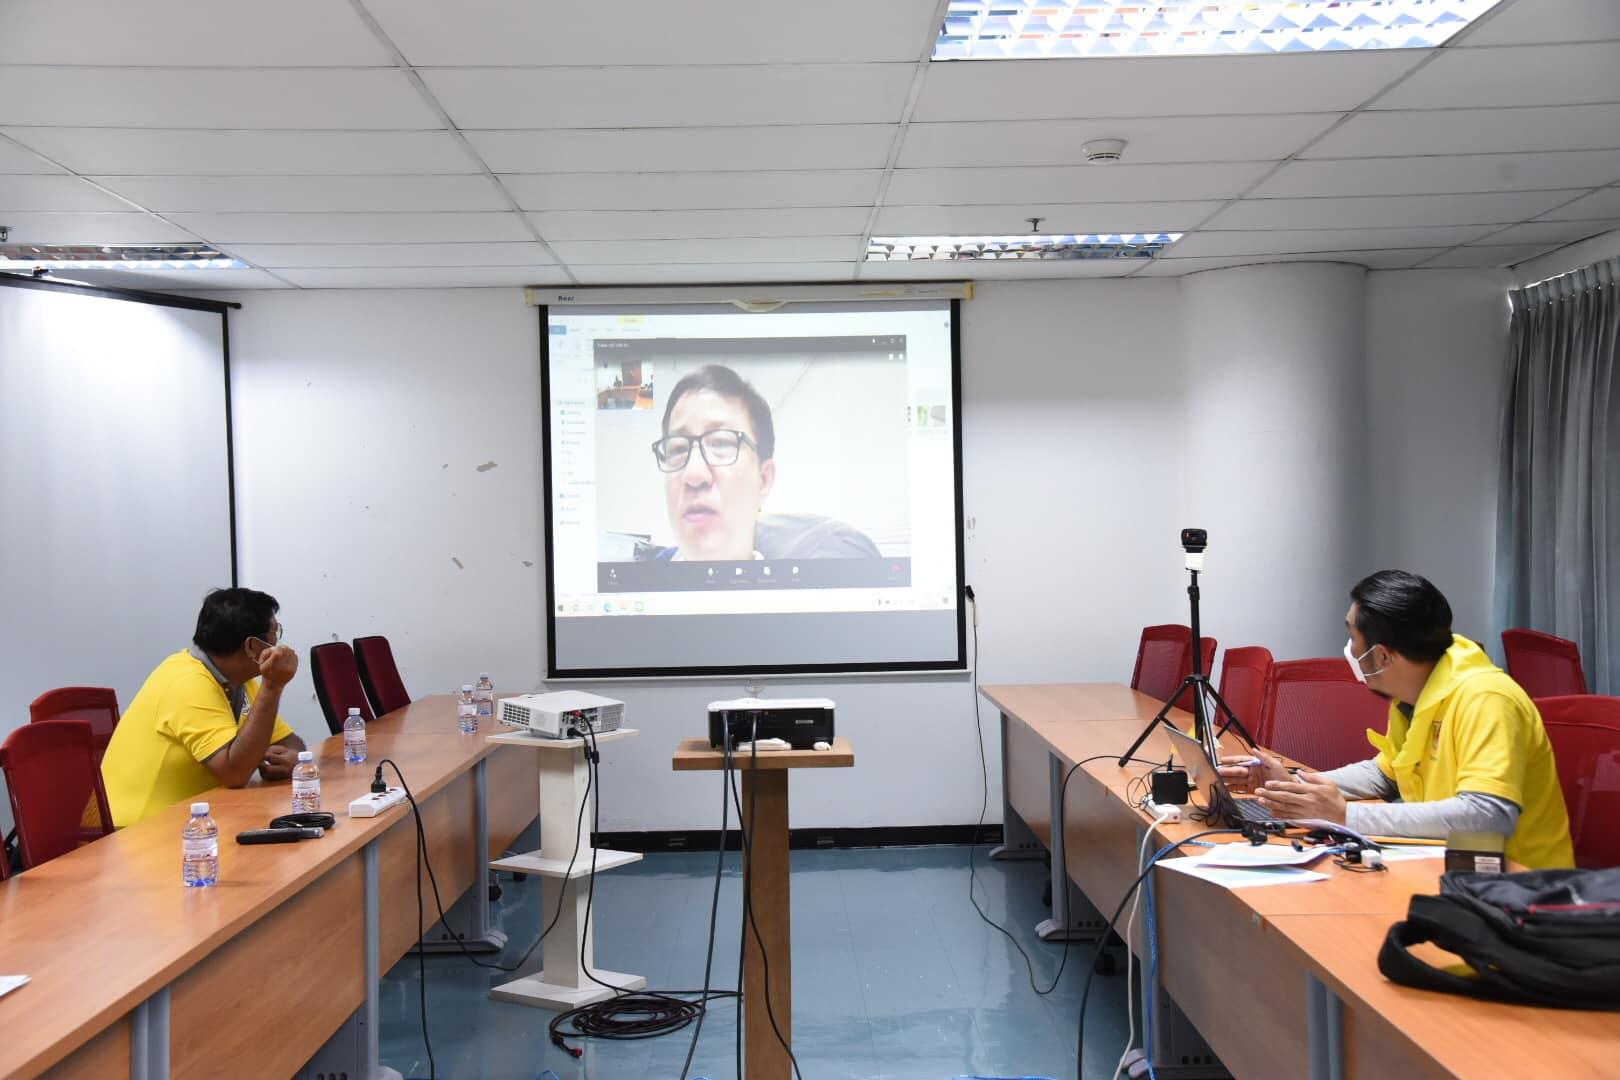 วิศวกรอาสา วิศวกรรมสถานแห่งประเทศไทยฯ ให้คำปรึกษา พร้อมเสนอแนะแนวทางแก้ไขเบื้องต้นแก่ประชาชนที่ได้รับผลกระทบจากเหตุการณ์เพลิงไหม้ และระเบิดโรงงานย่านกิ่งแก้ว จังหวัดสมุทรปราการ ผ่านระบบออนไลน์